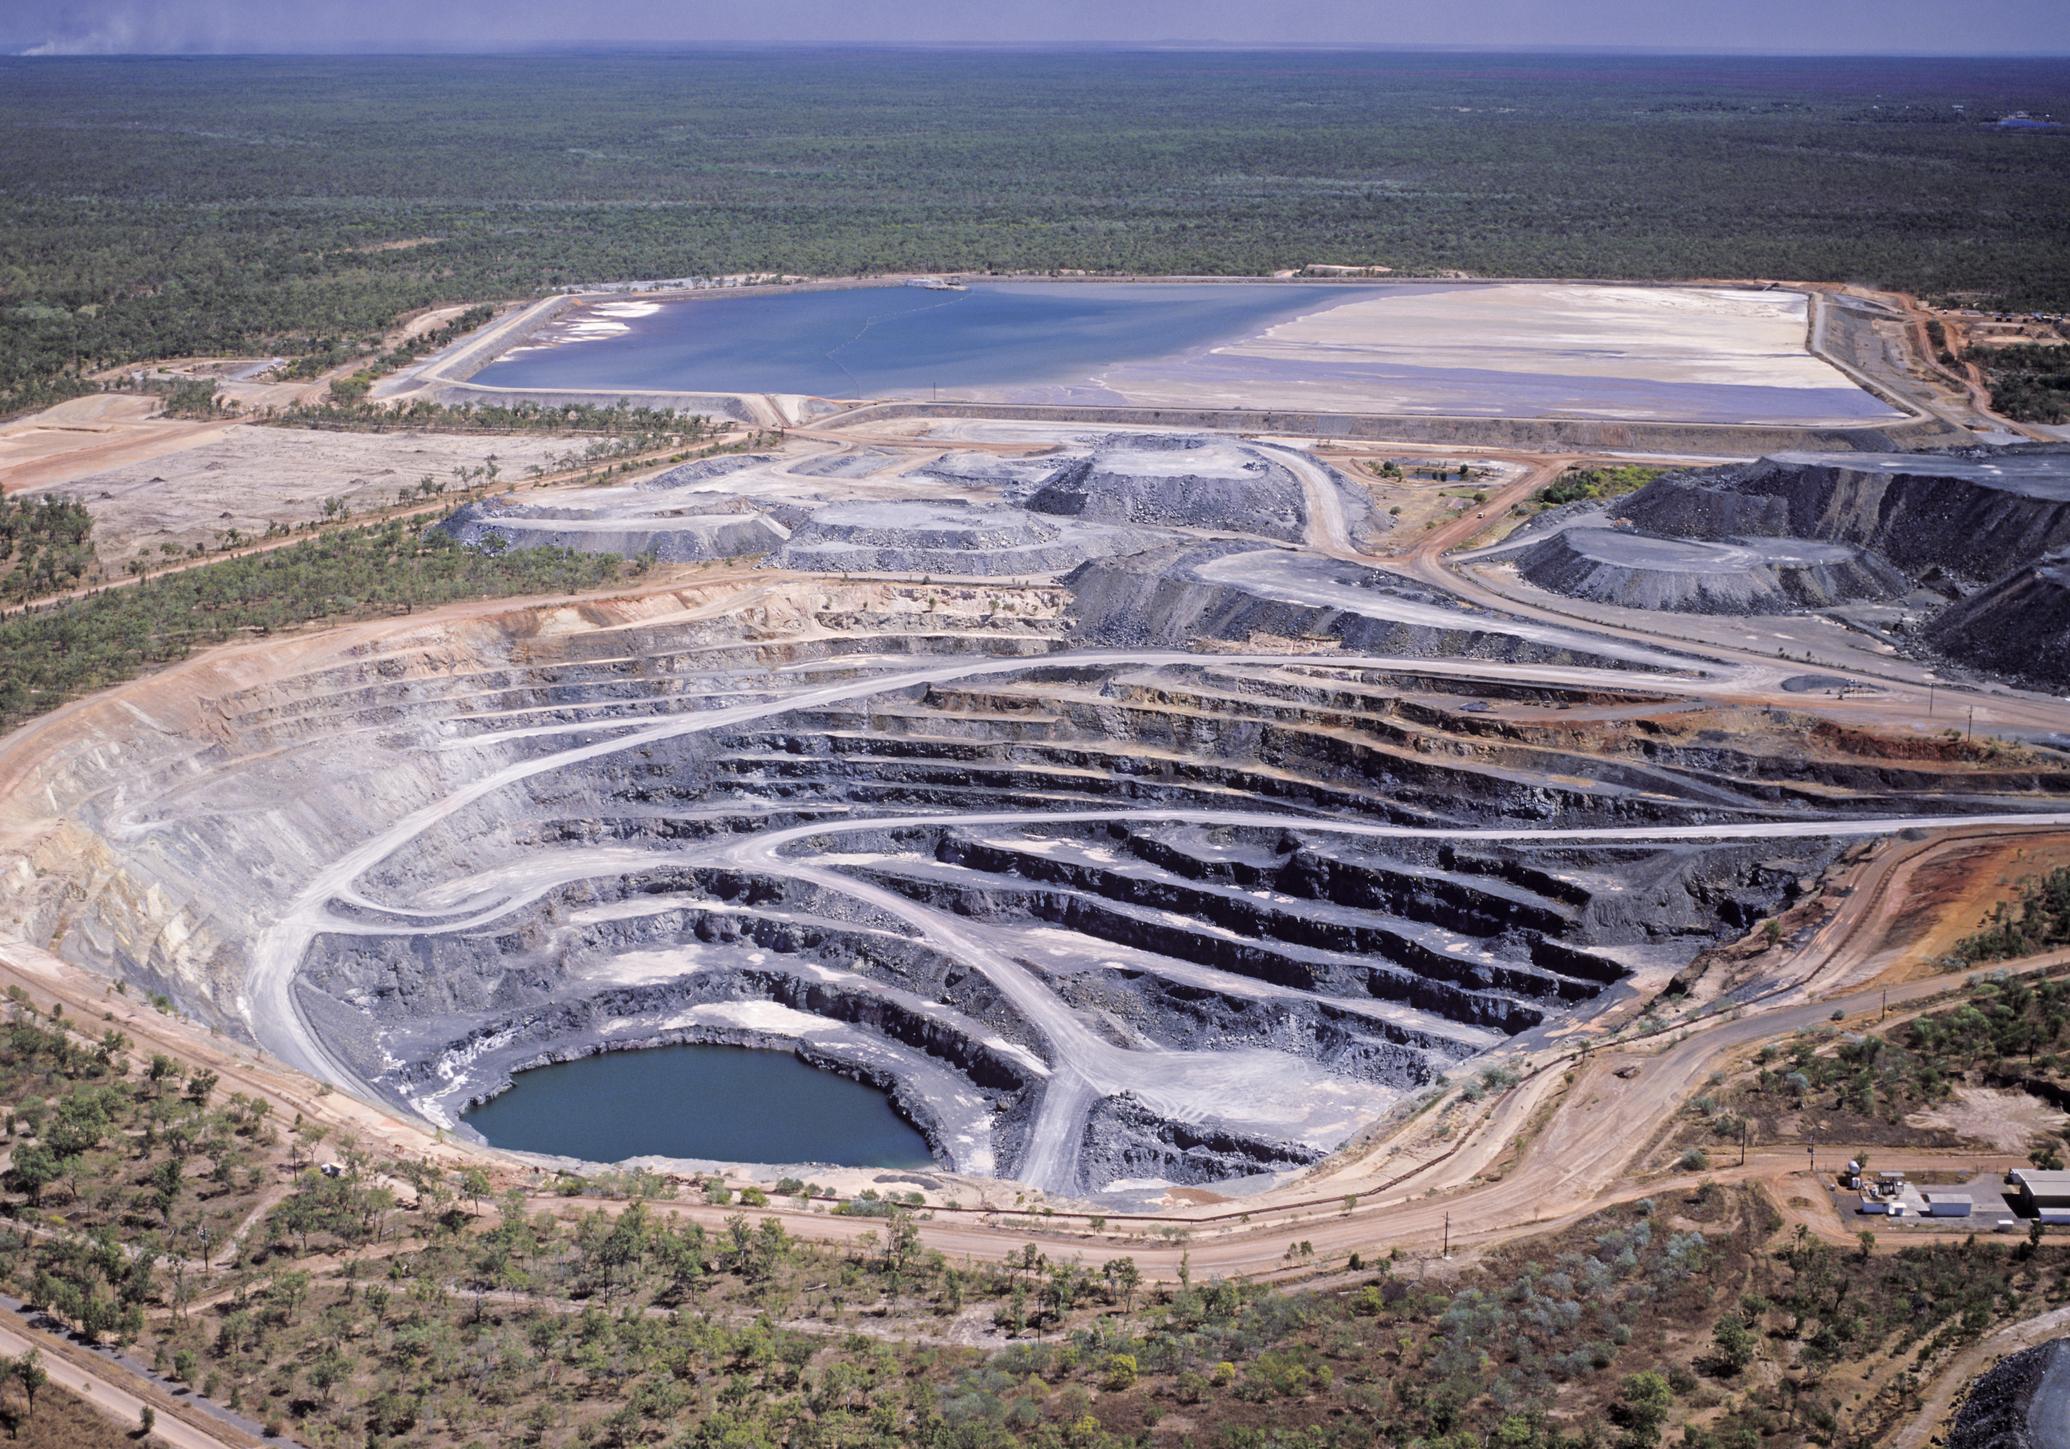 A large, open-pit uranium mine